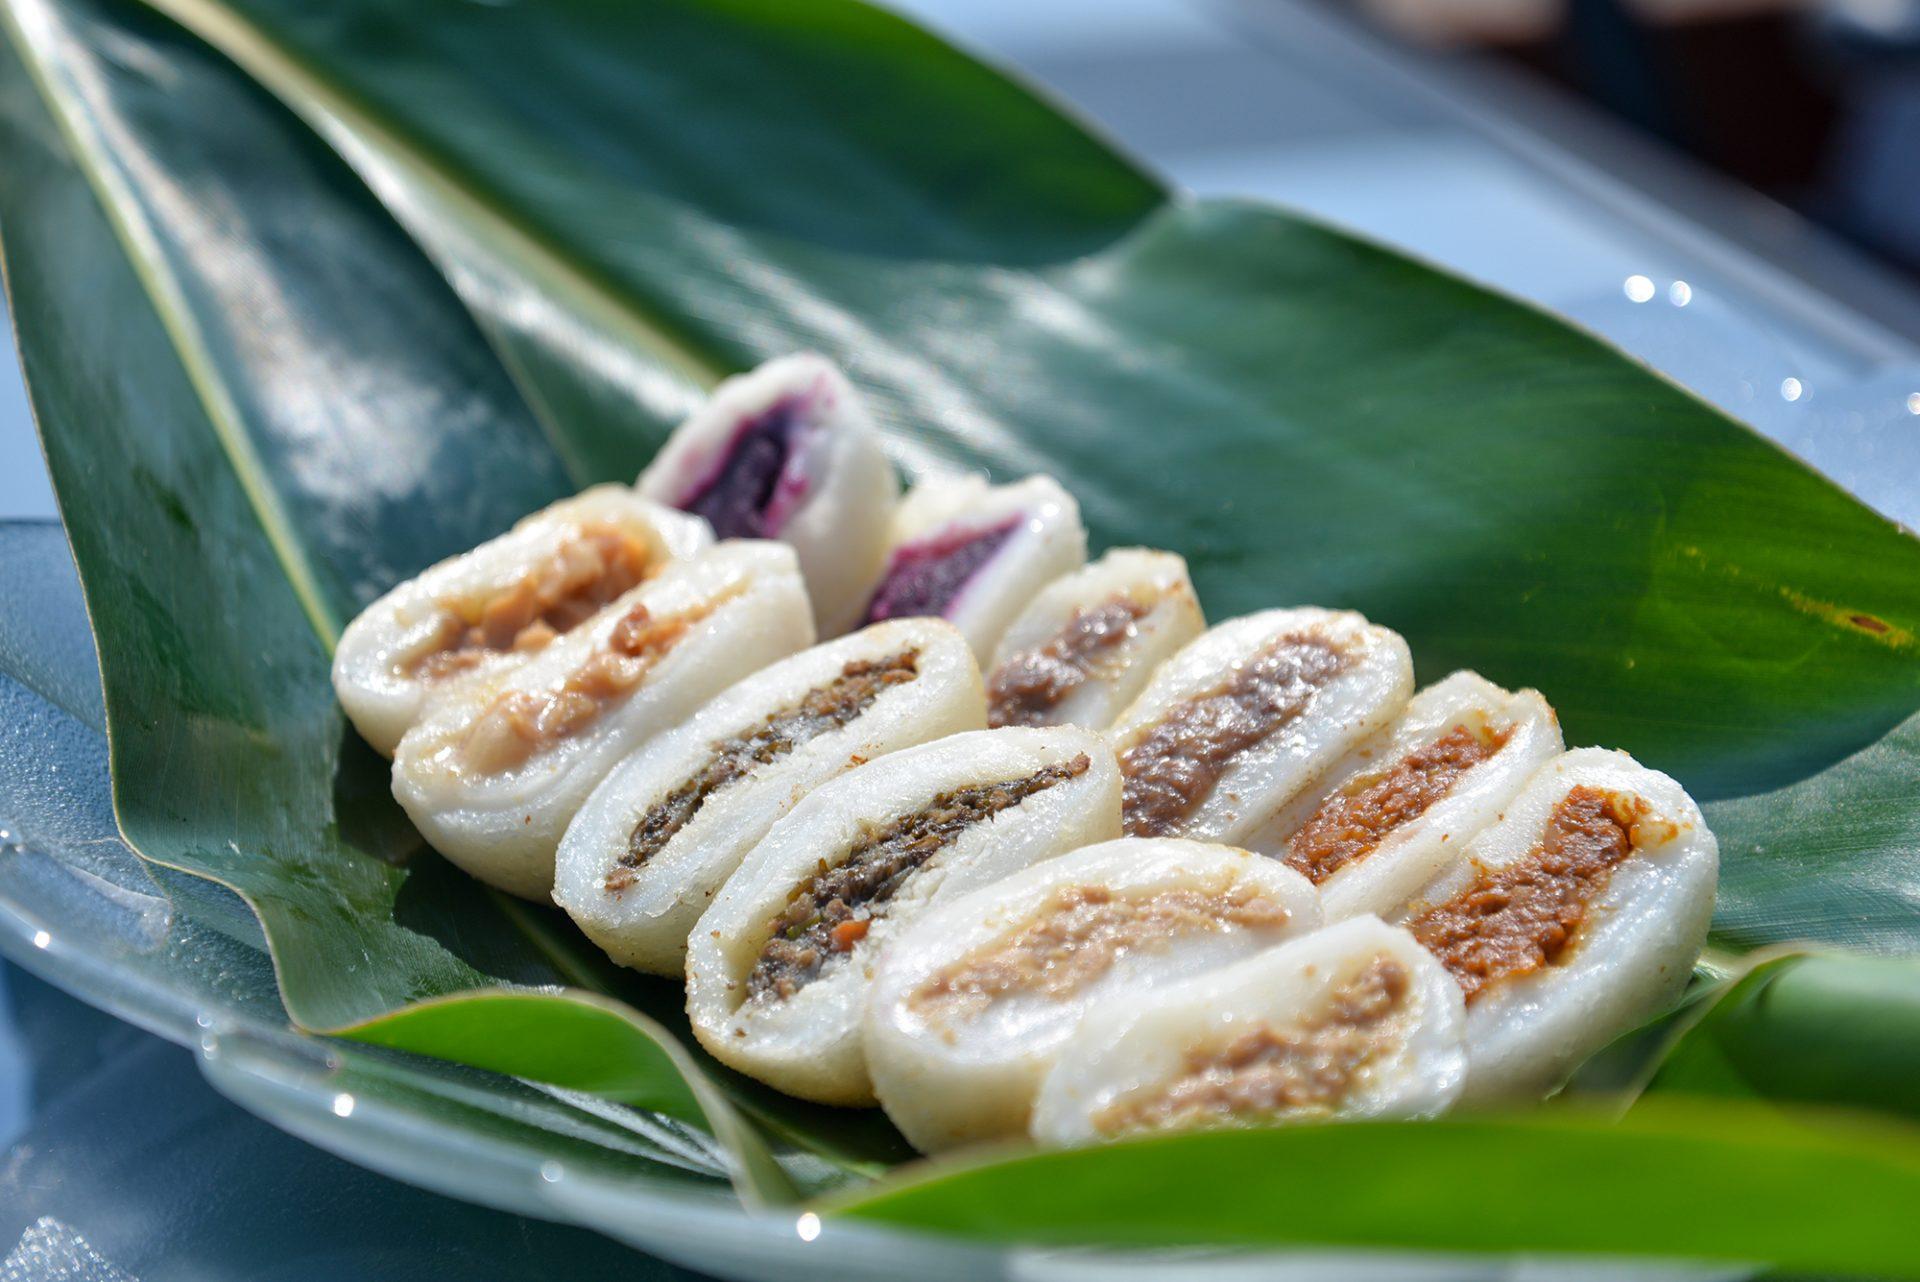 沖縄の厳選食材が詰まった絶品お焼き 誠もち店の「沖縄のお焼き」を食べに行く